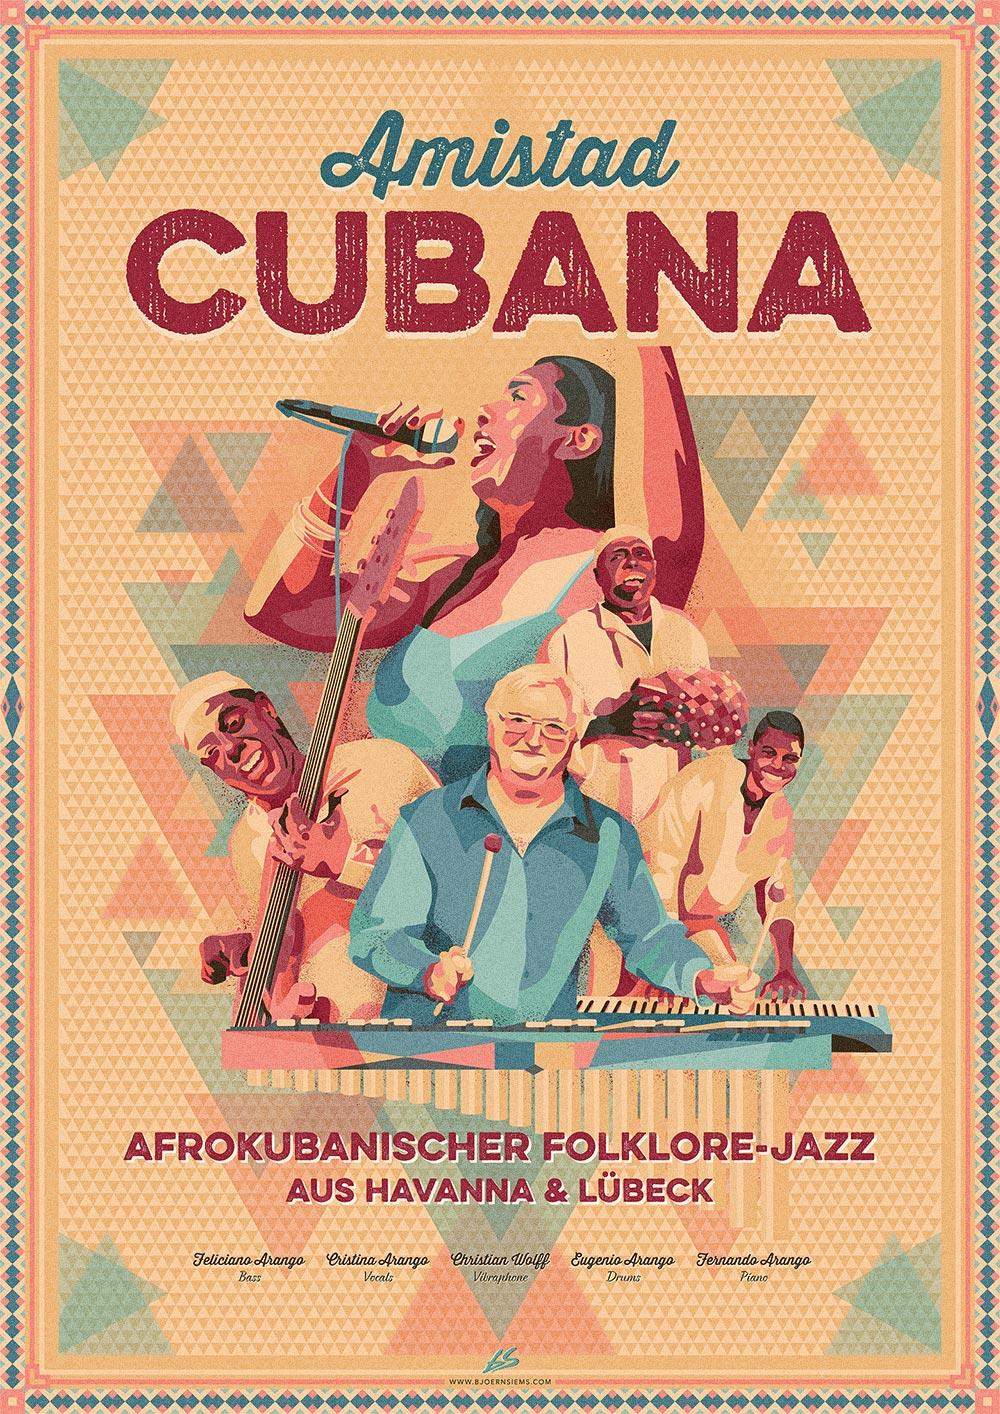 Amistad Cubana Tour 2016 Poster - Björn Siems